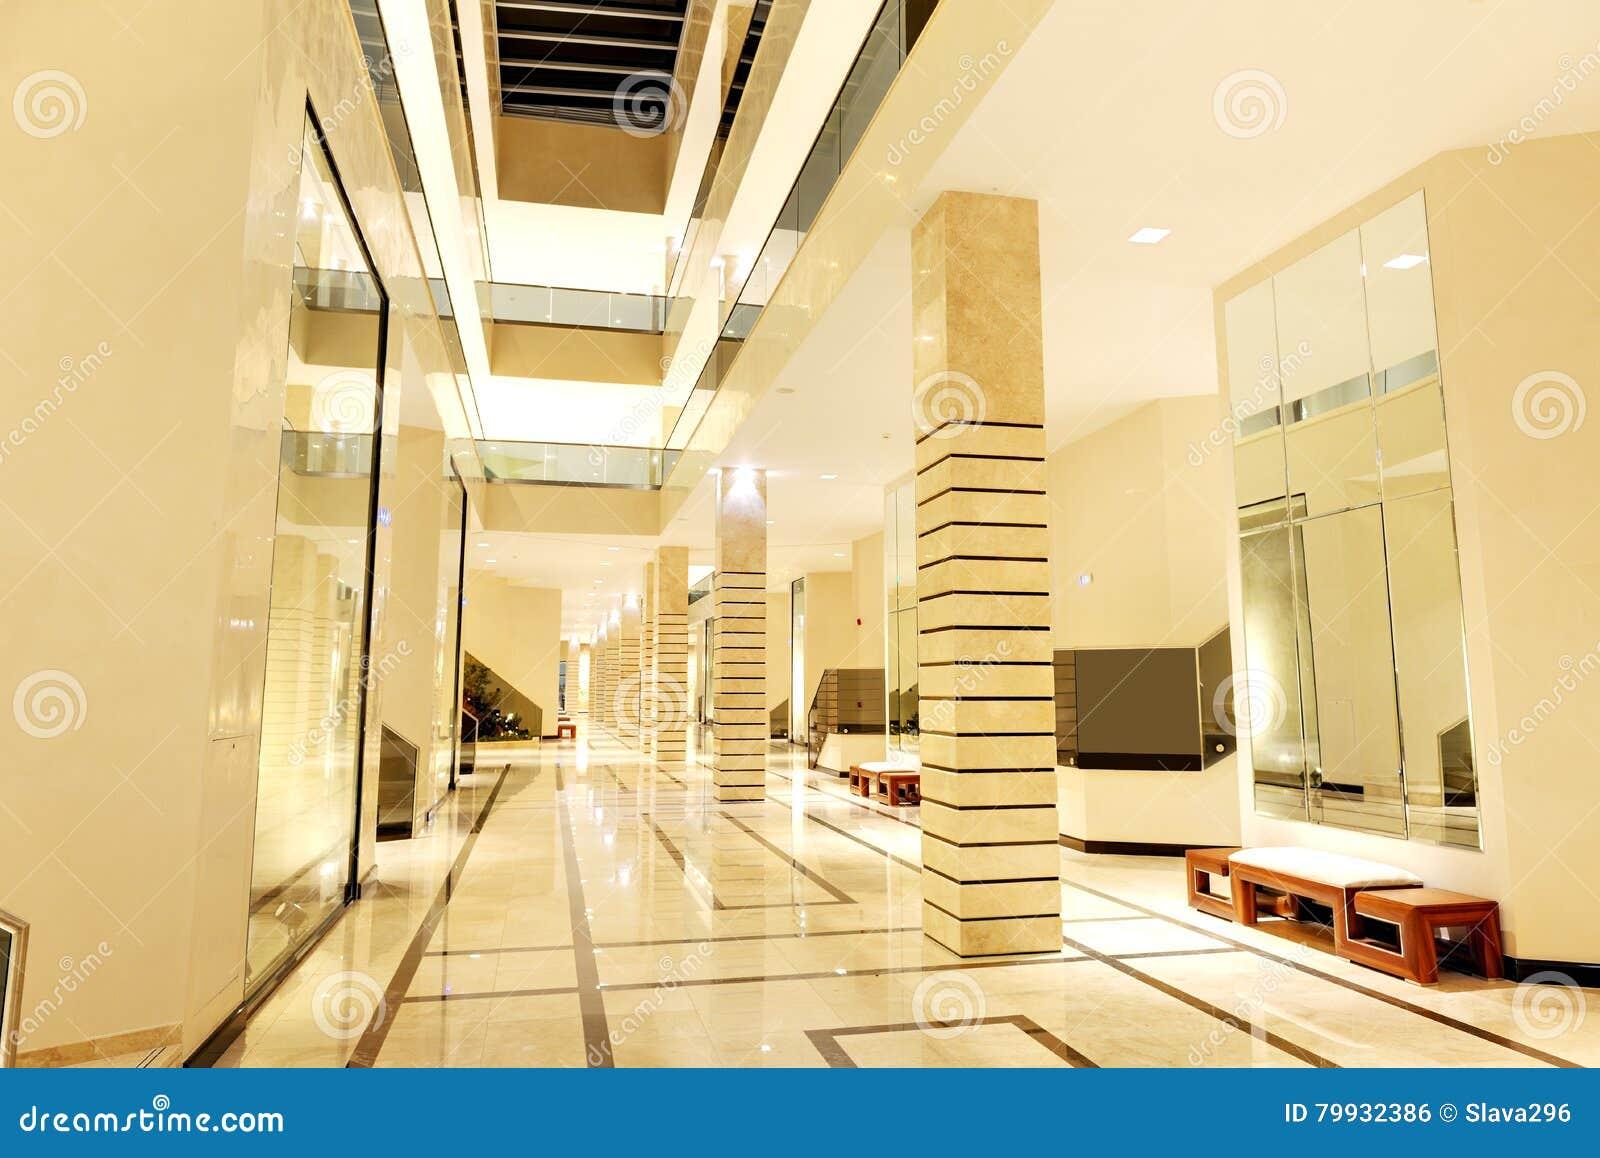 Hotel Di Lusso Interni : Interno di un appartamento di hotel di lusso con luce solare